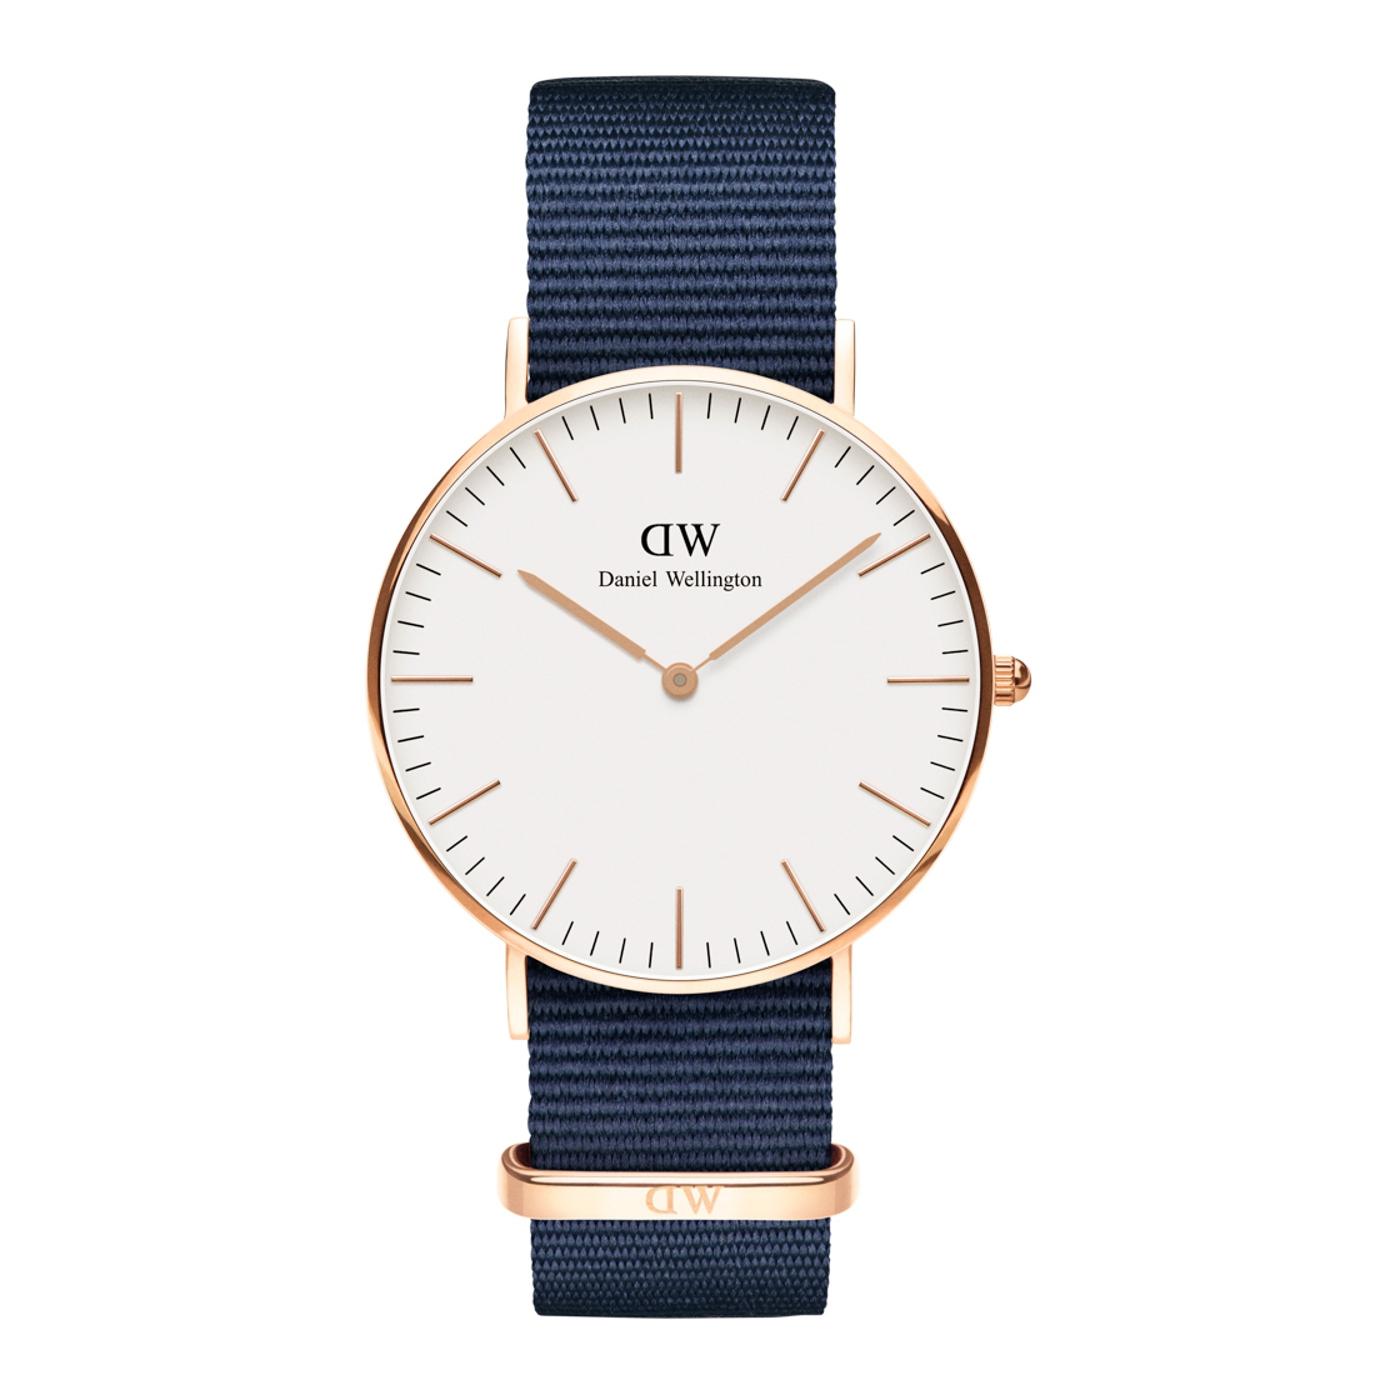 Afbeelding van Daniel Wellington Classic Bayswater horloge DW00100279 (36 mm)